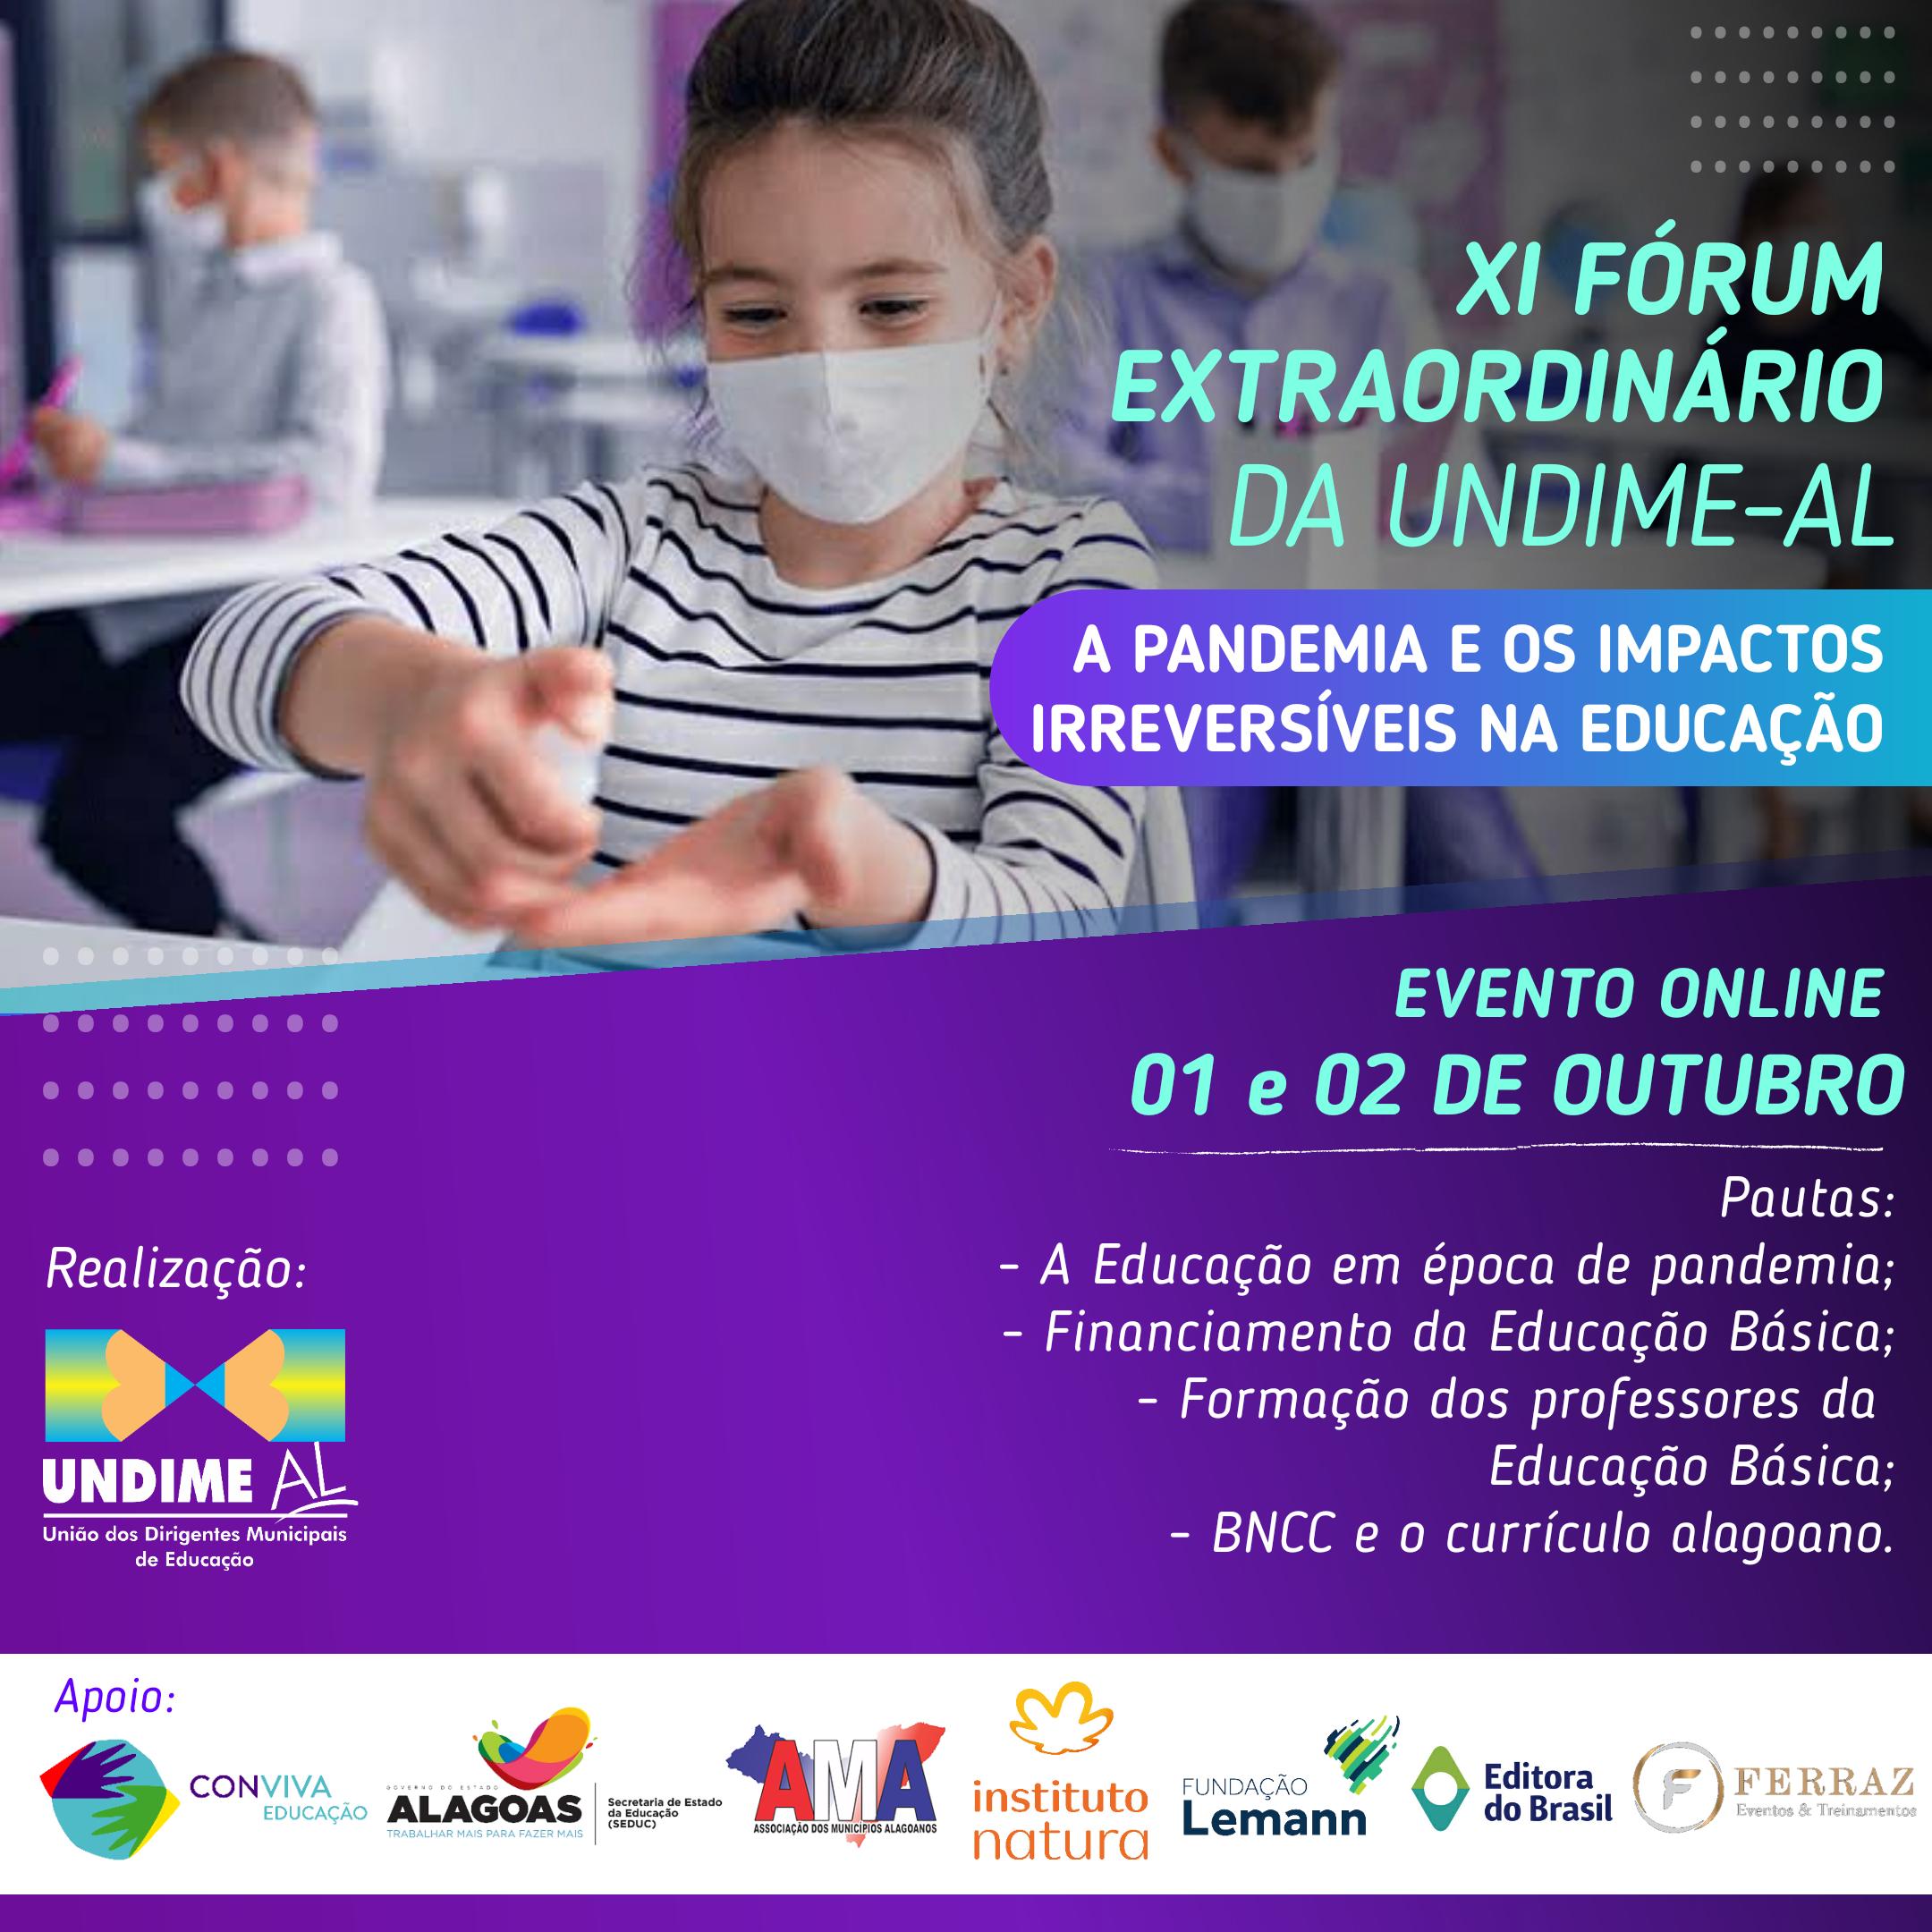 Undime-AL realiza XI Fórum Extraordinário nos dias 01 e 02 de outubro de 2020